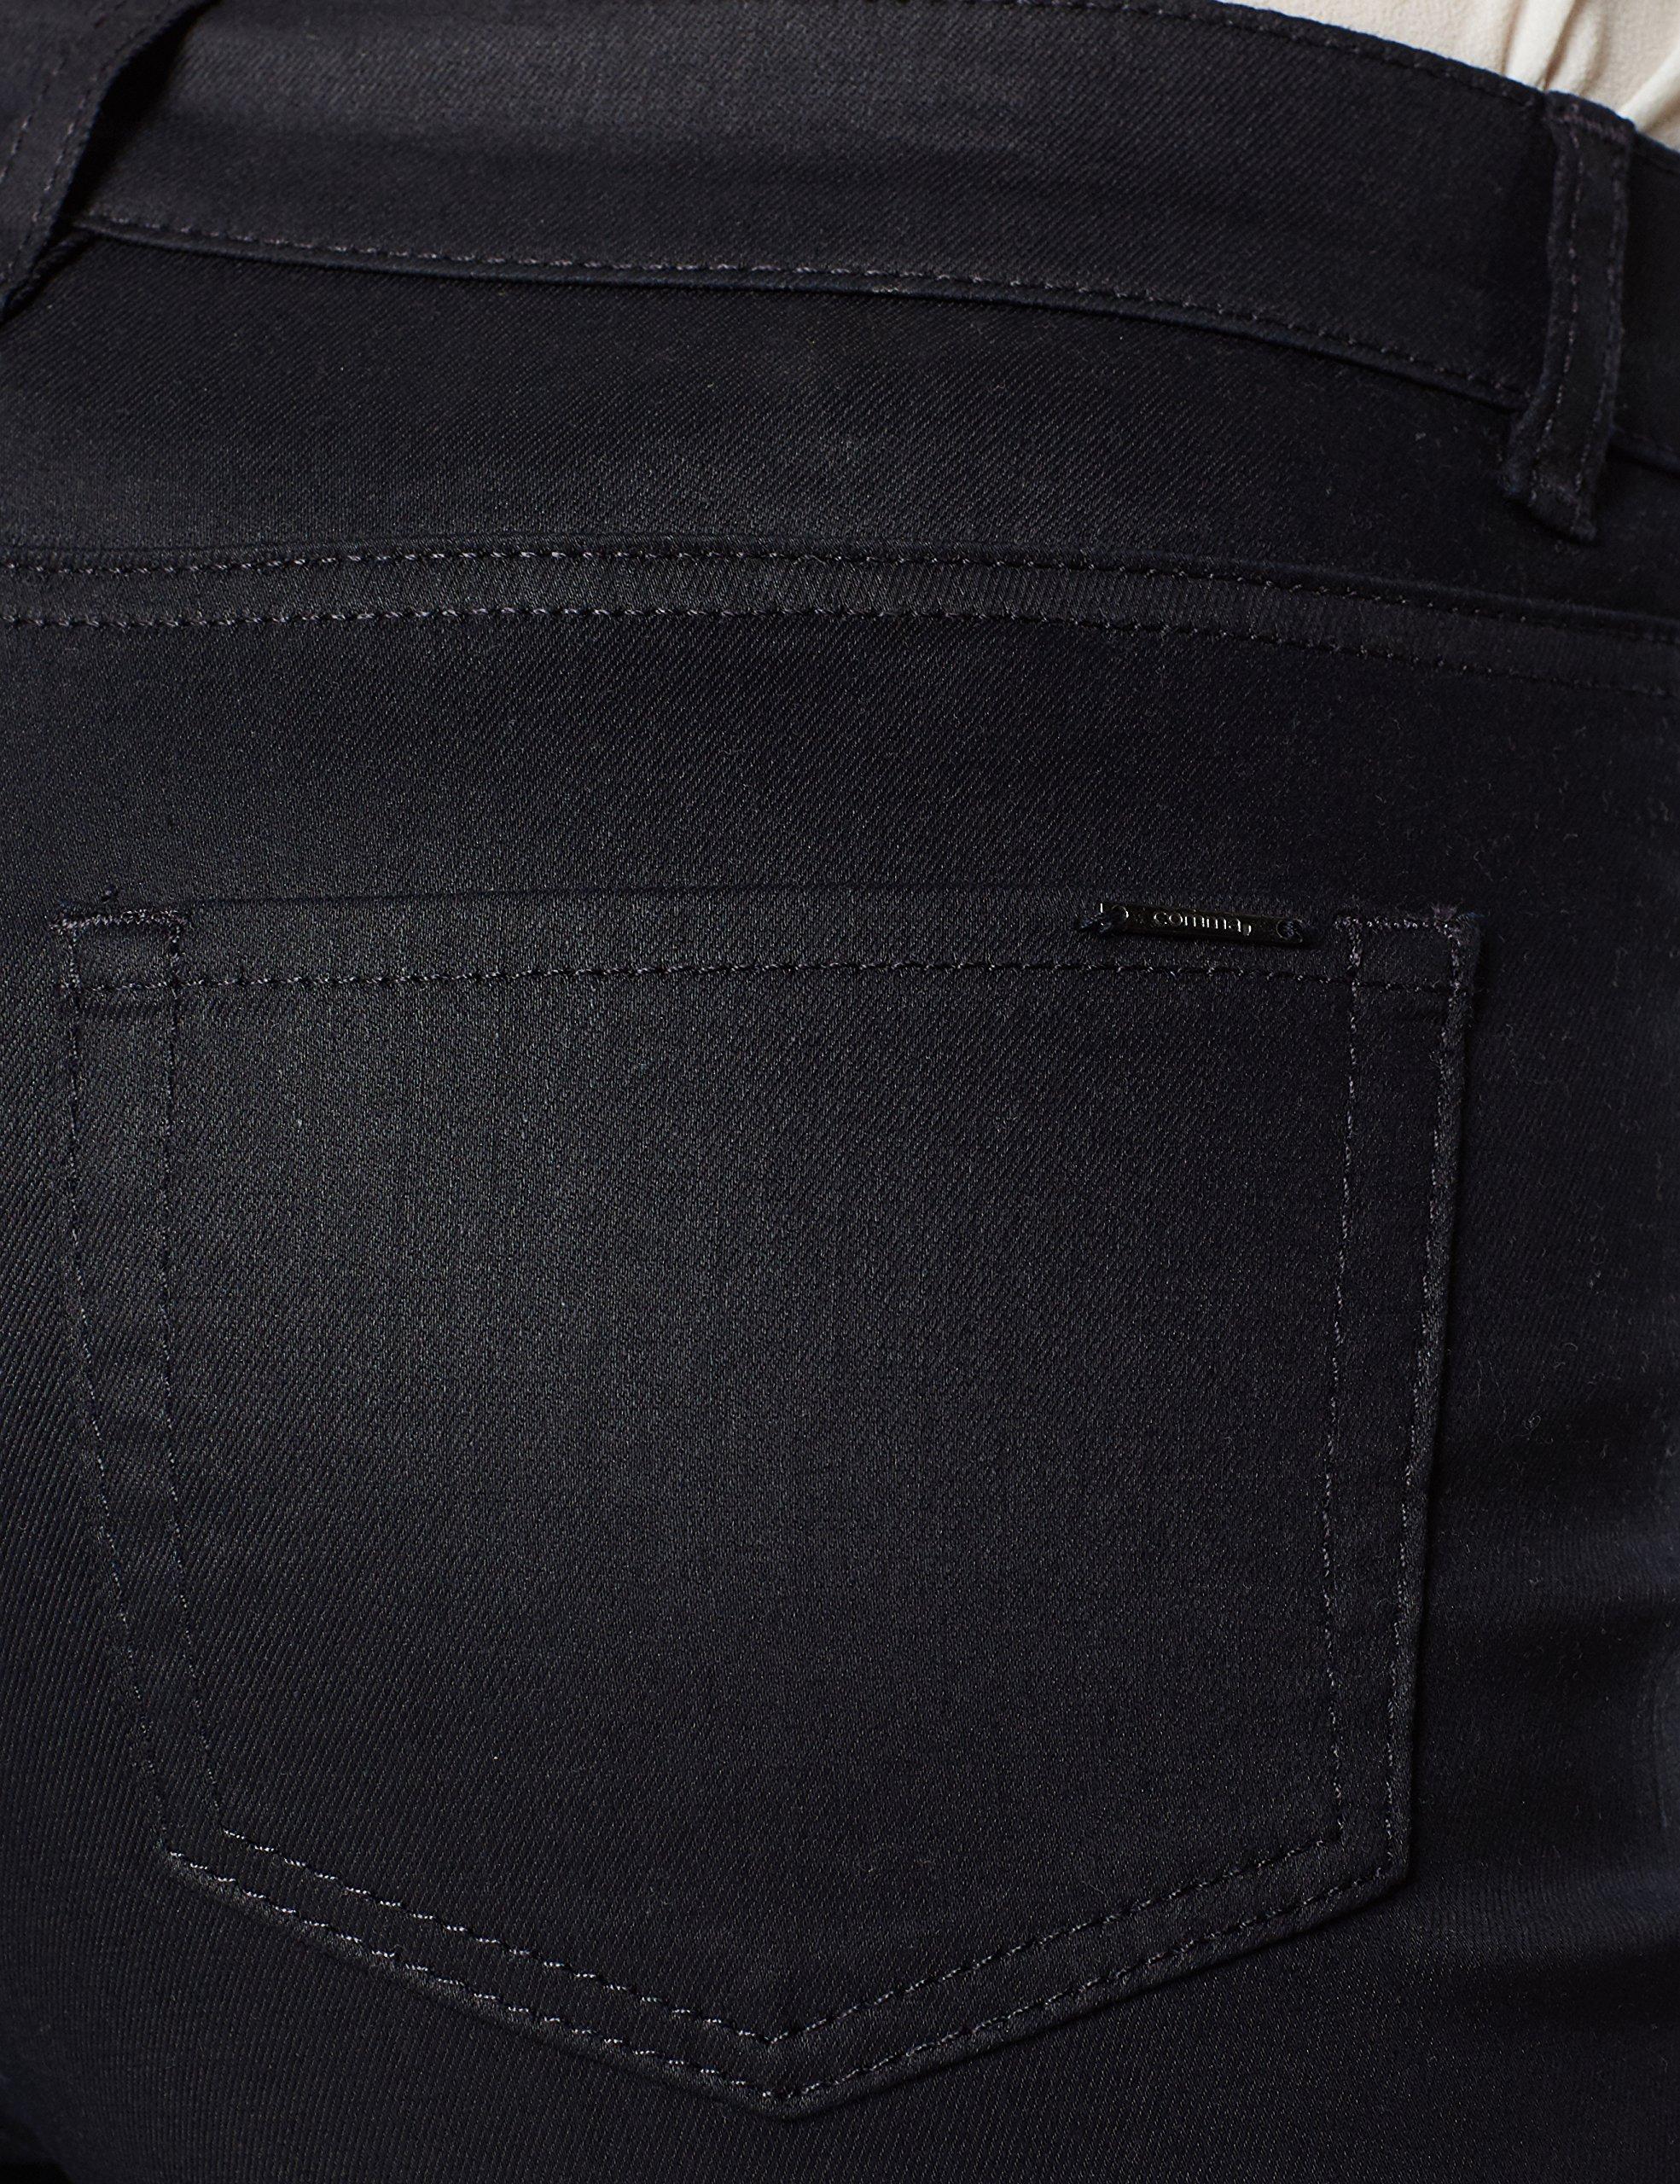 Comma Hosen & Shorts in blau günstig kaufen